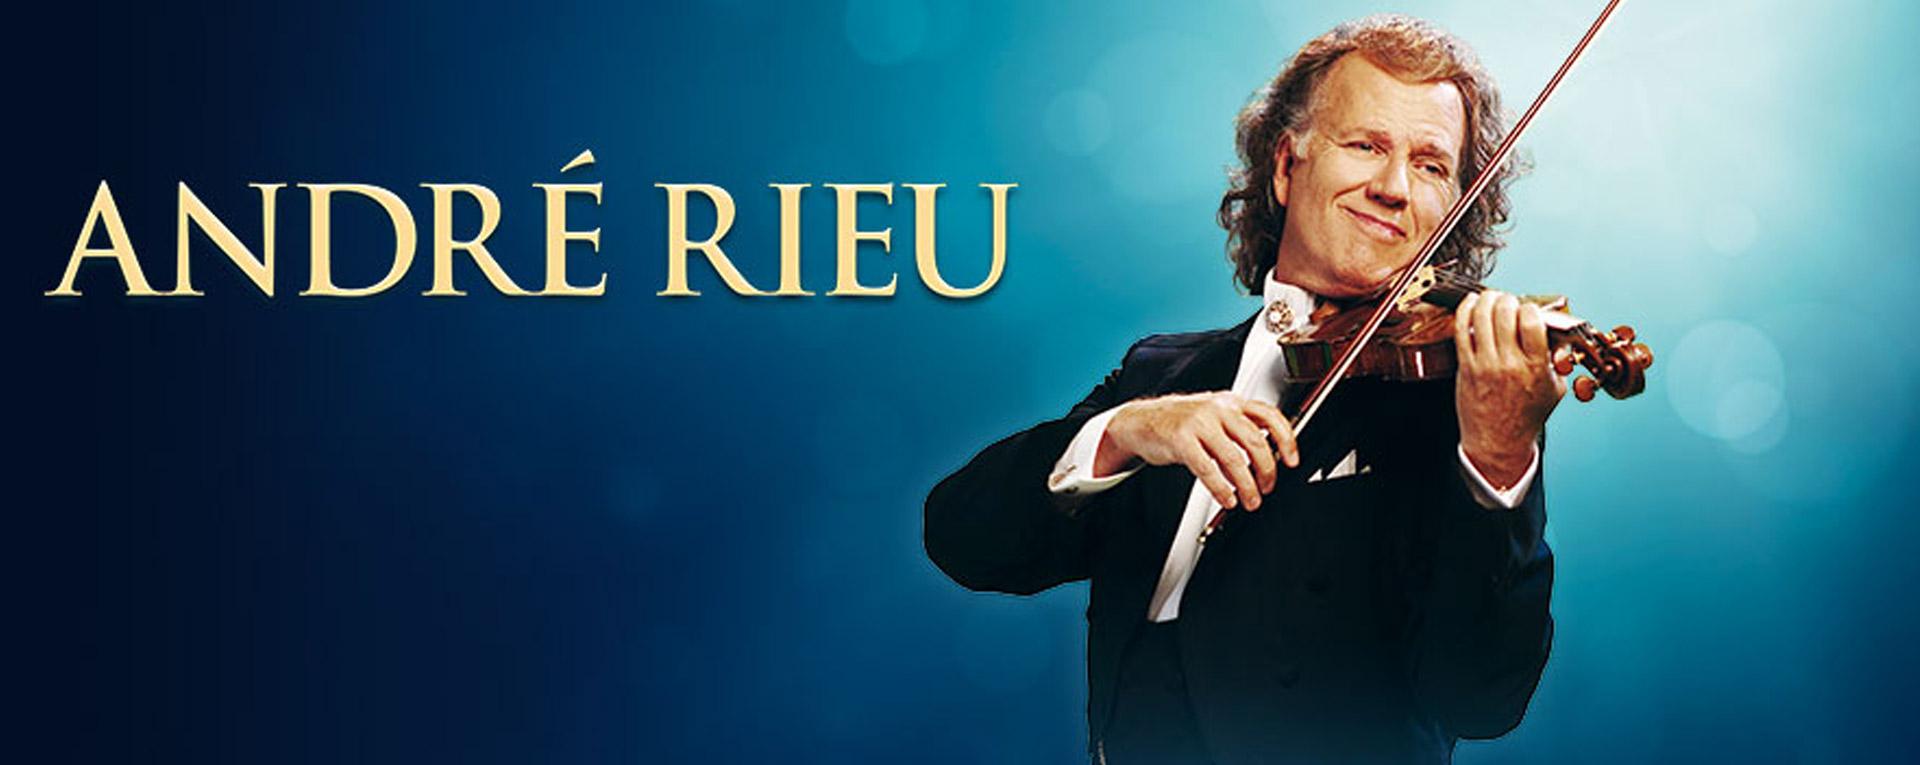 Концерти Andre Rieu